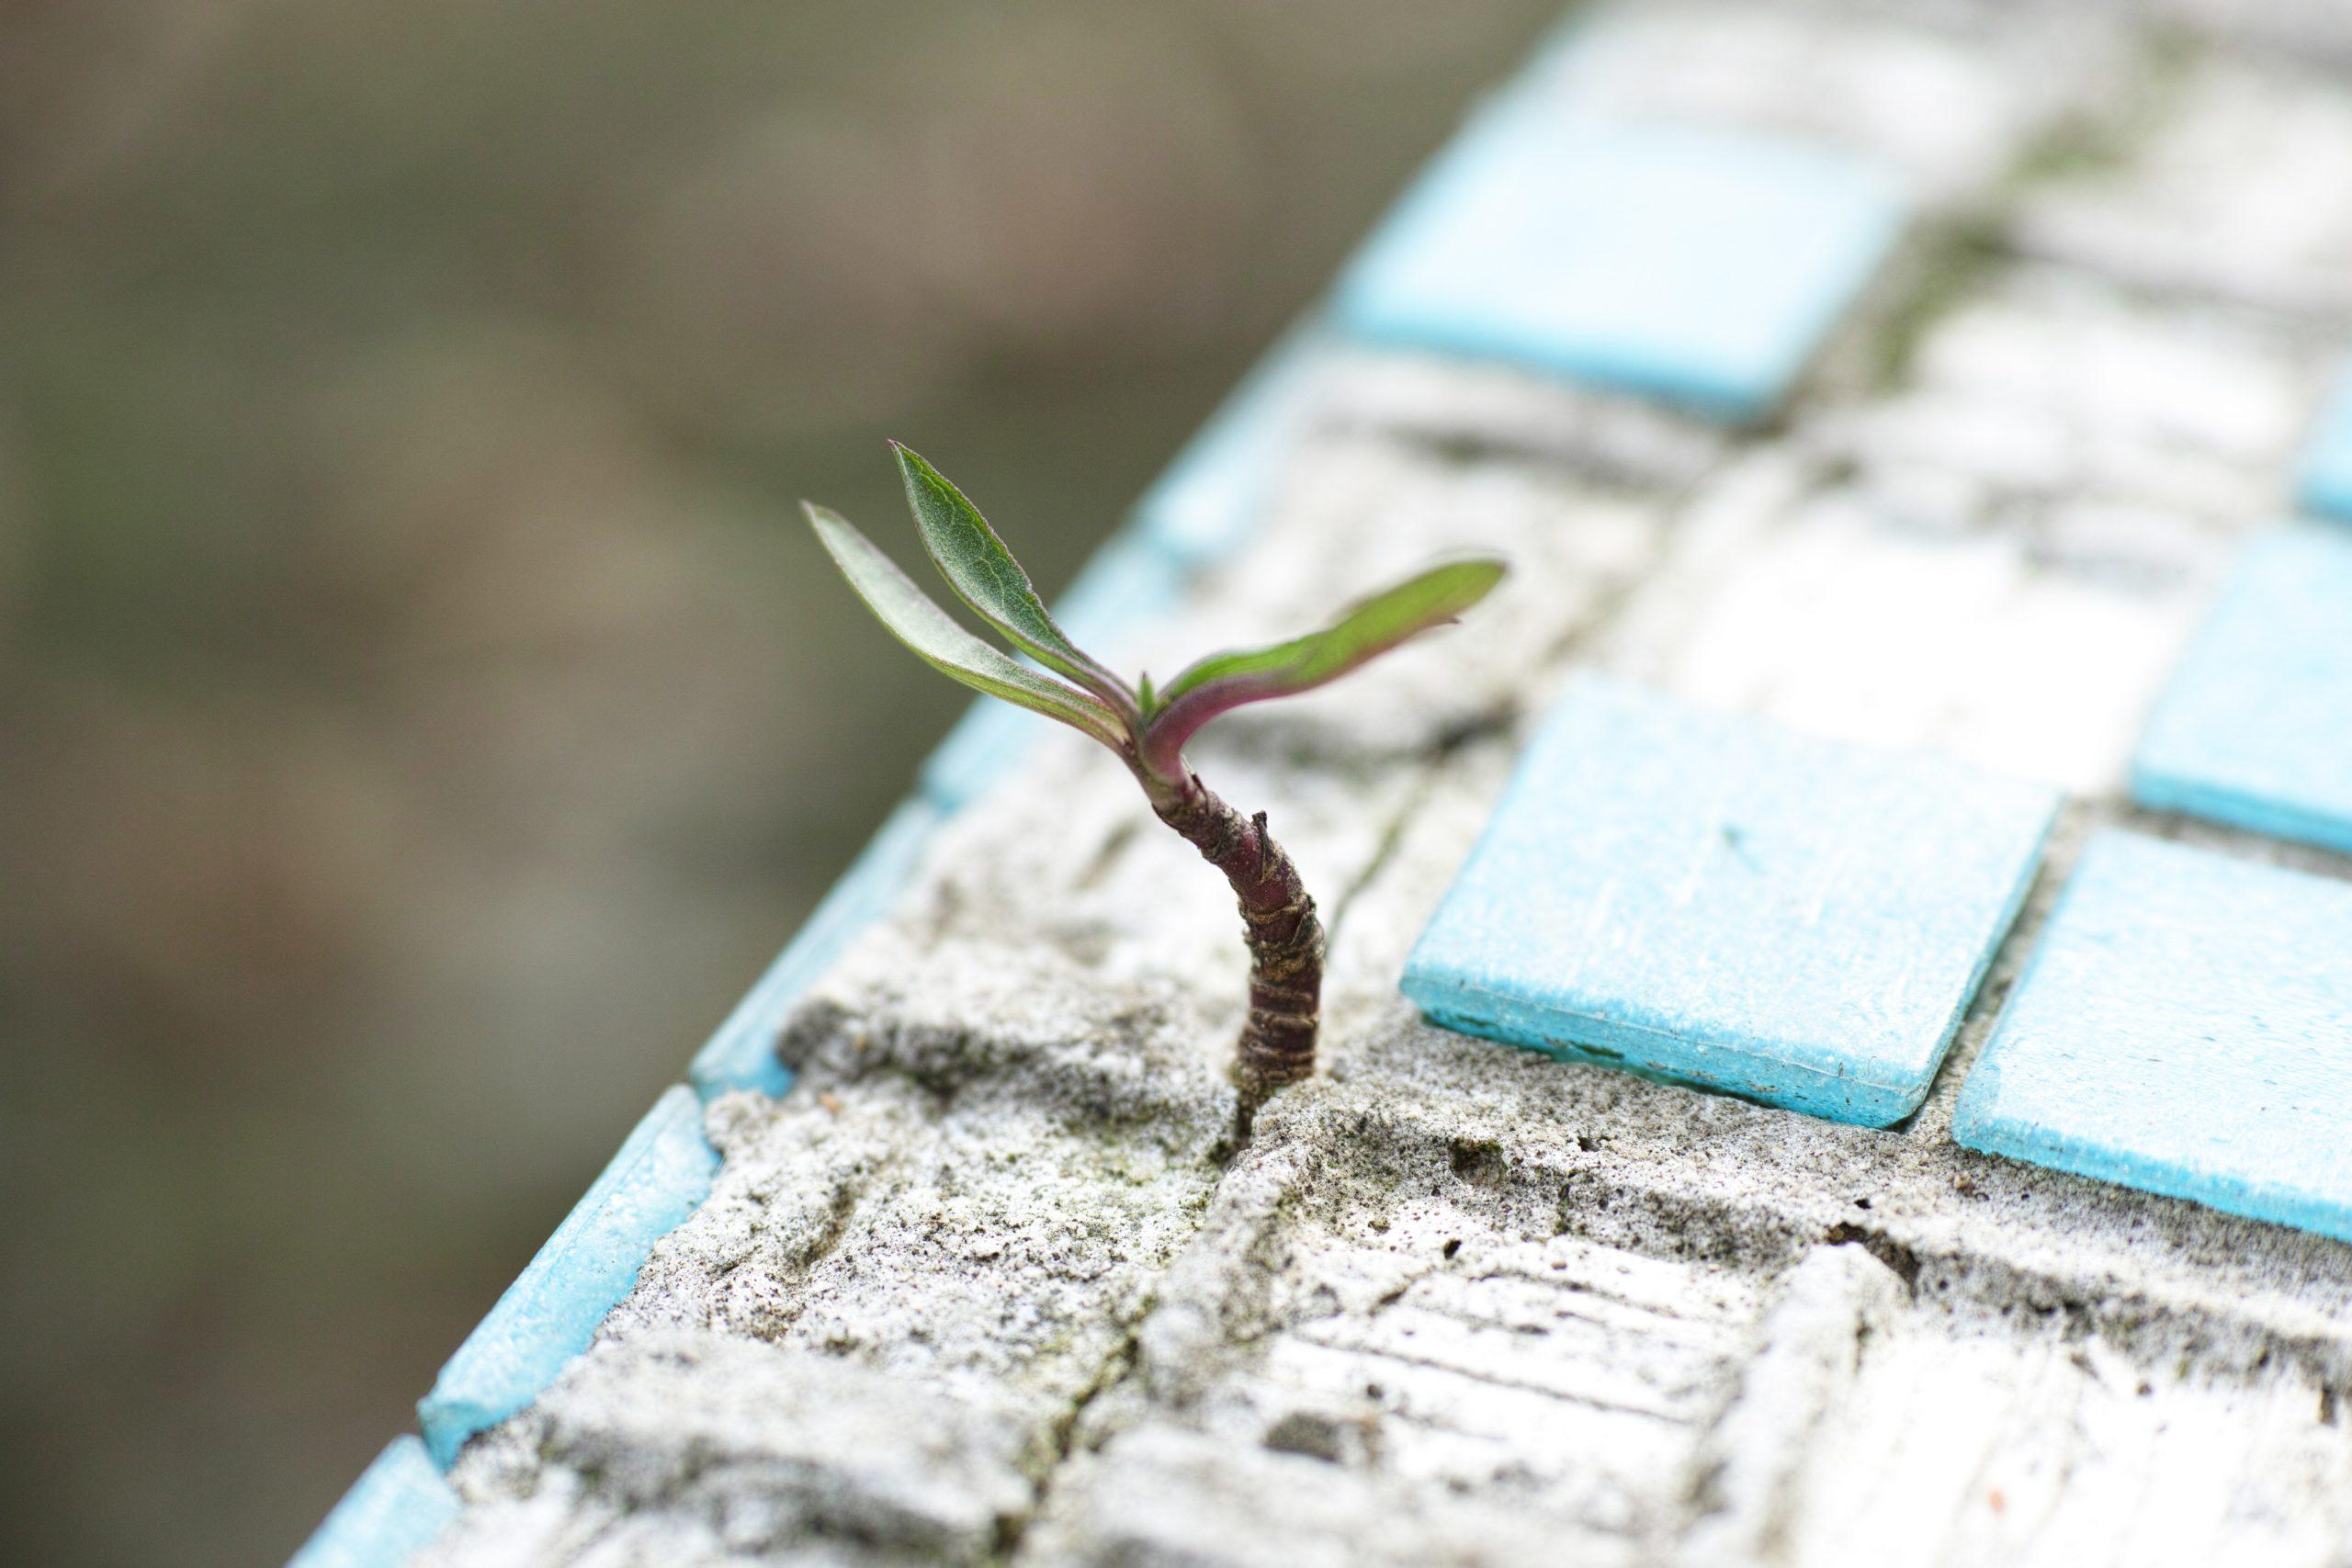 Crescita personale sostenibile. Benessere anche nelle crisi.